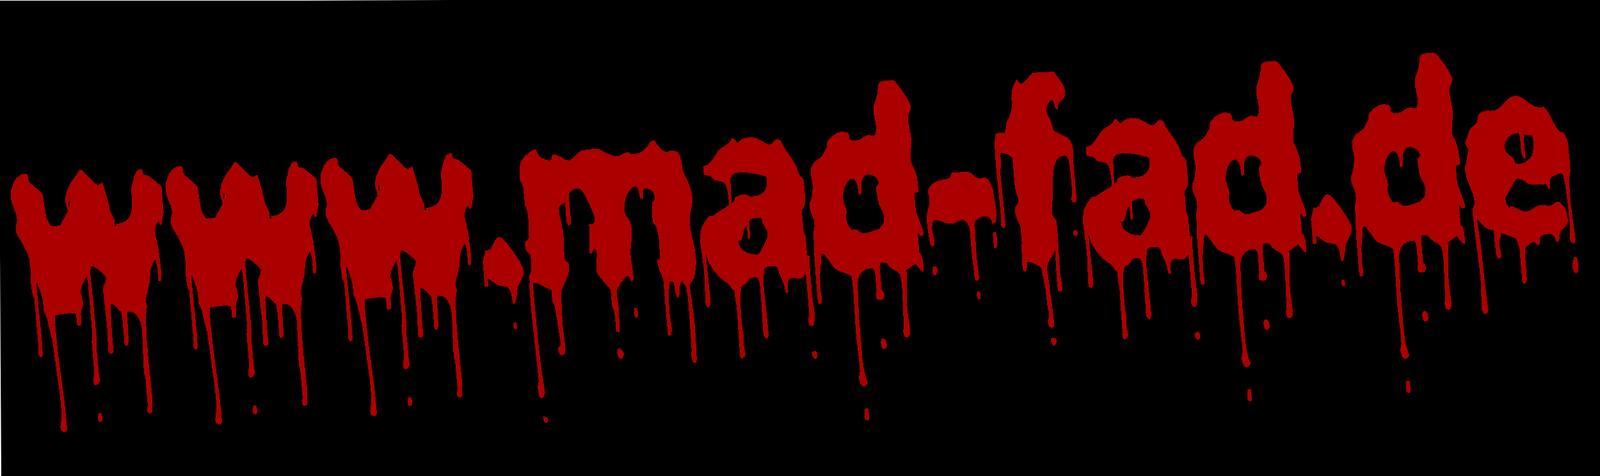 mad-fad